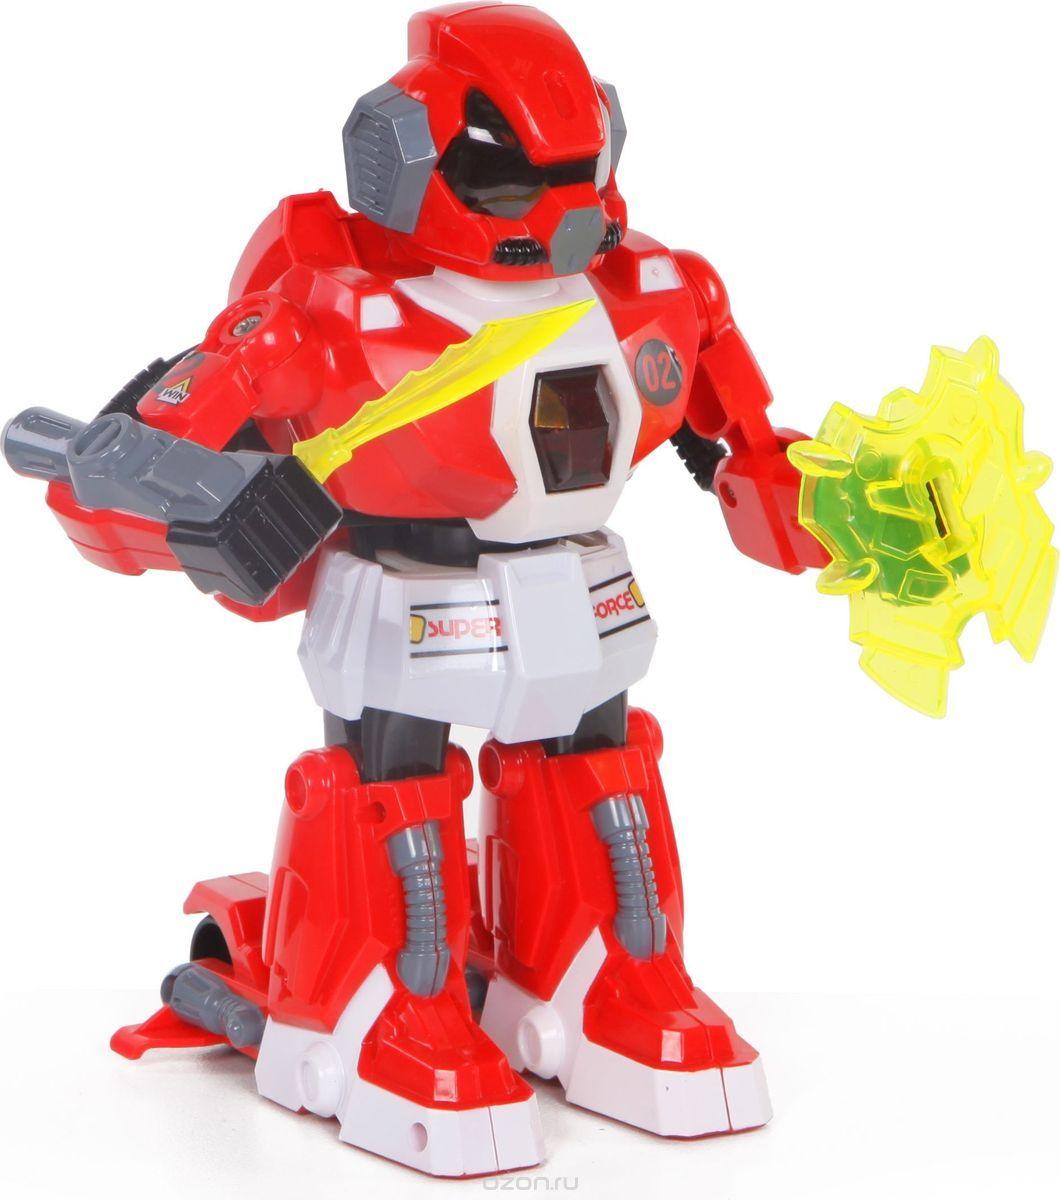 Yako Робот на радиоуправлении цвет красный Y16462776